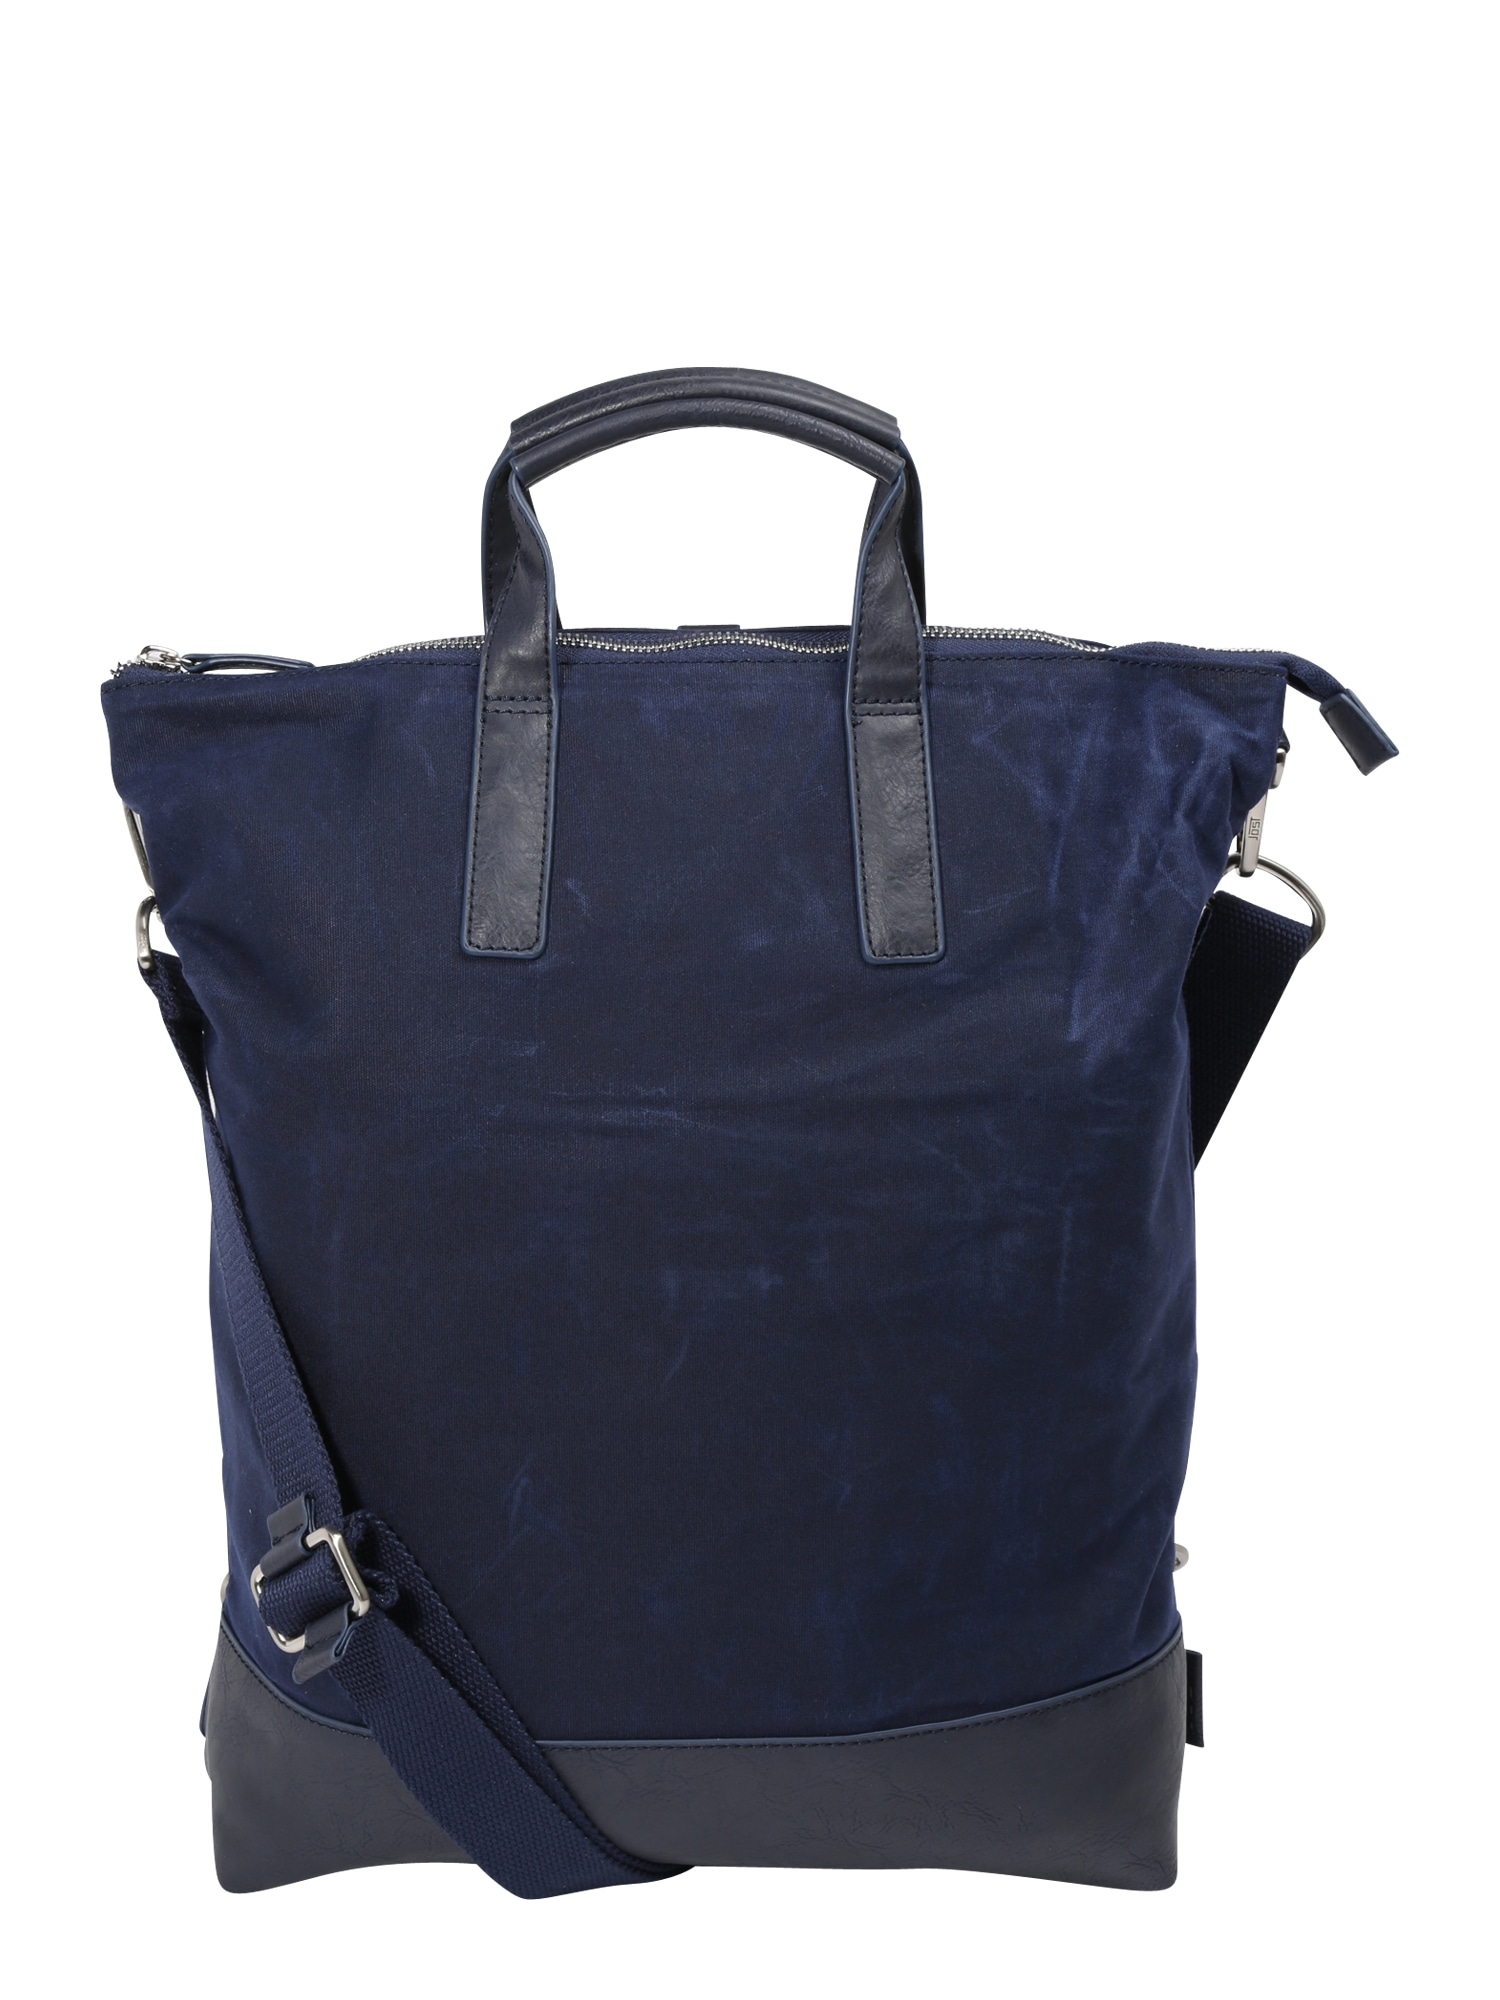 Nákupní taška GÖTEBORG X-Change (3in1) Bag S námořnická modř JOST